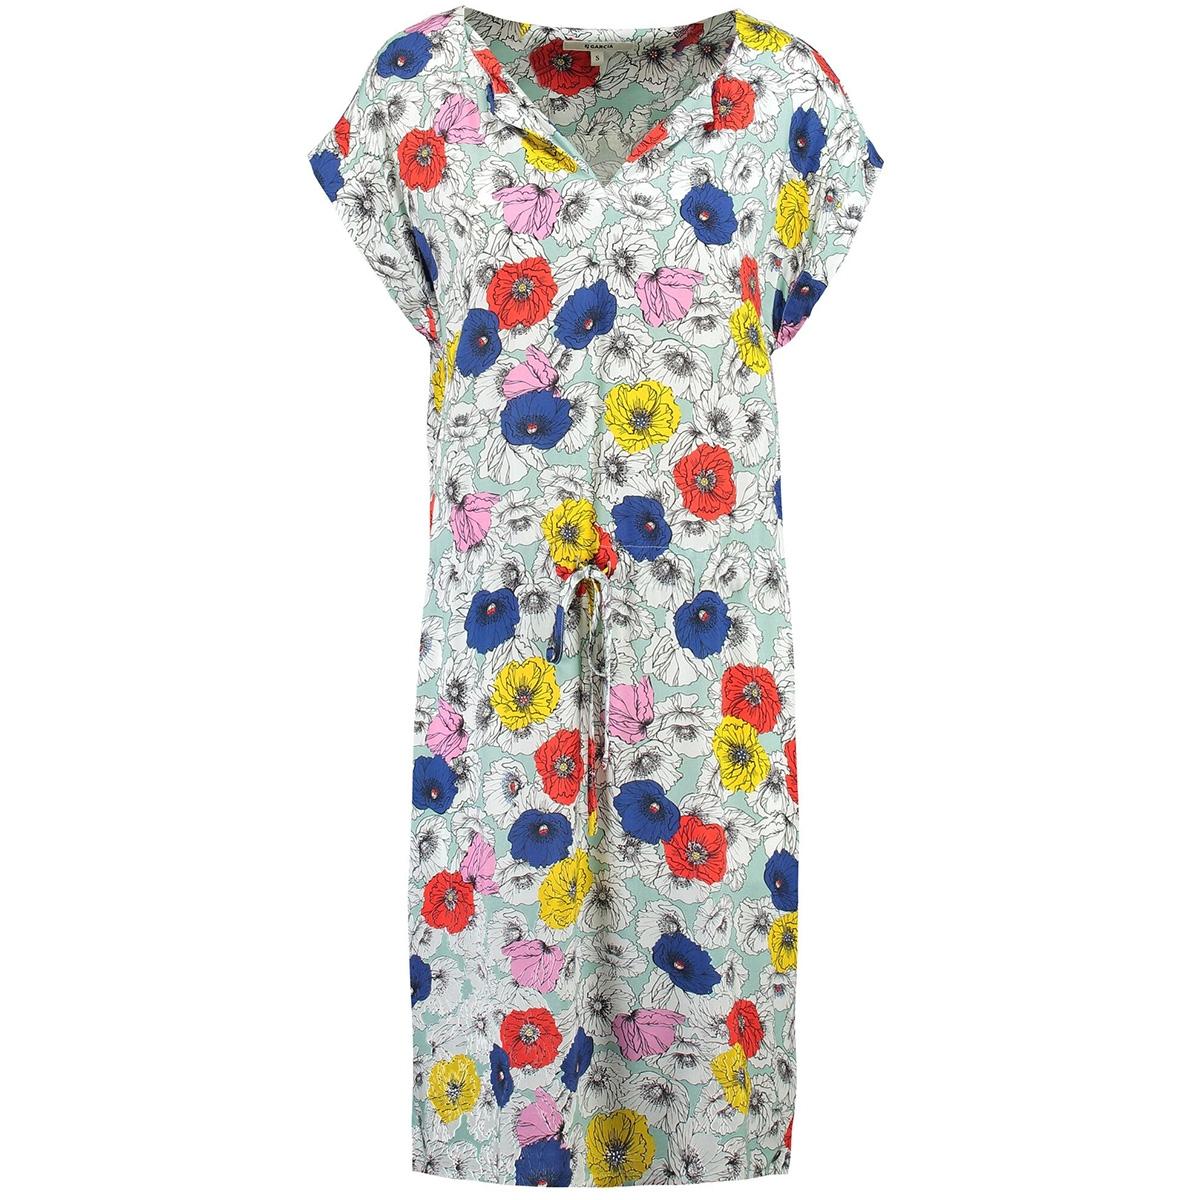 groene jurk met korte mouwen e90083 garcia jurk 2715 perfect mint